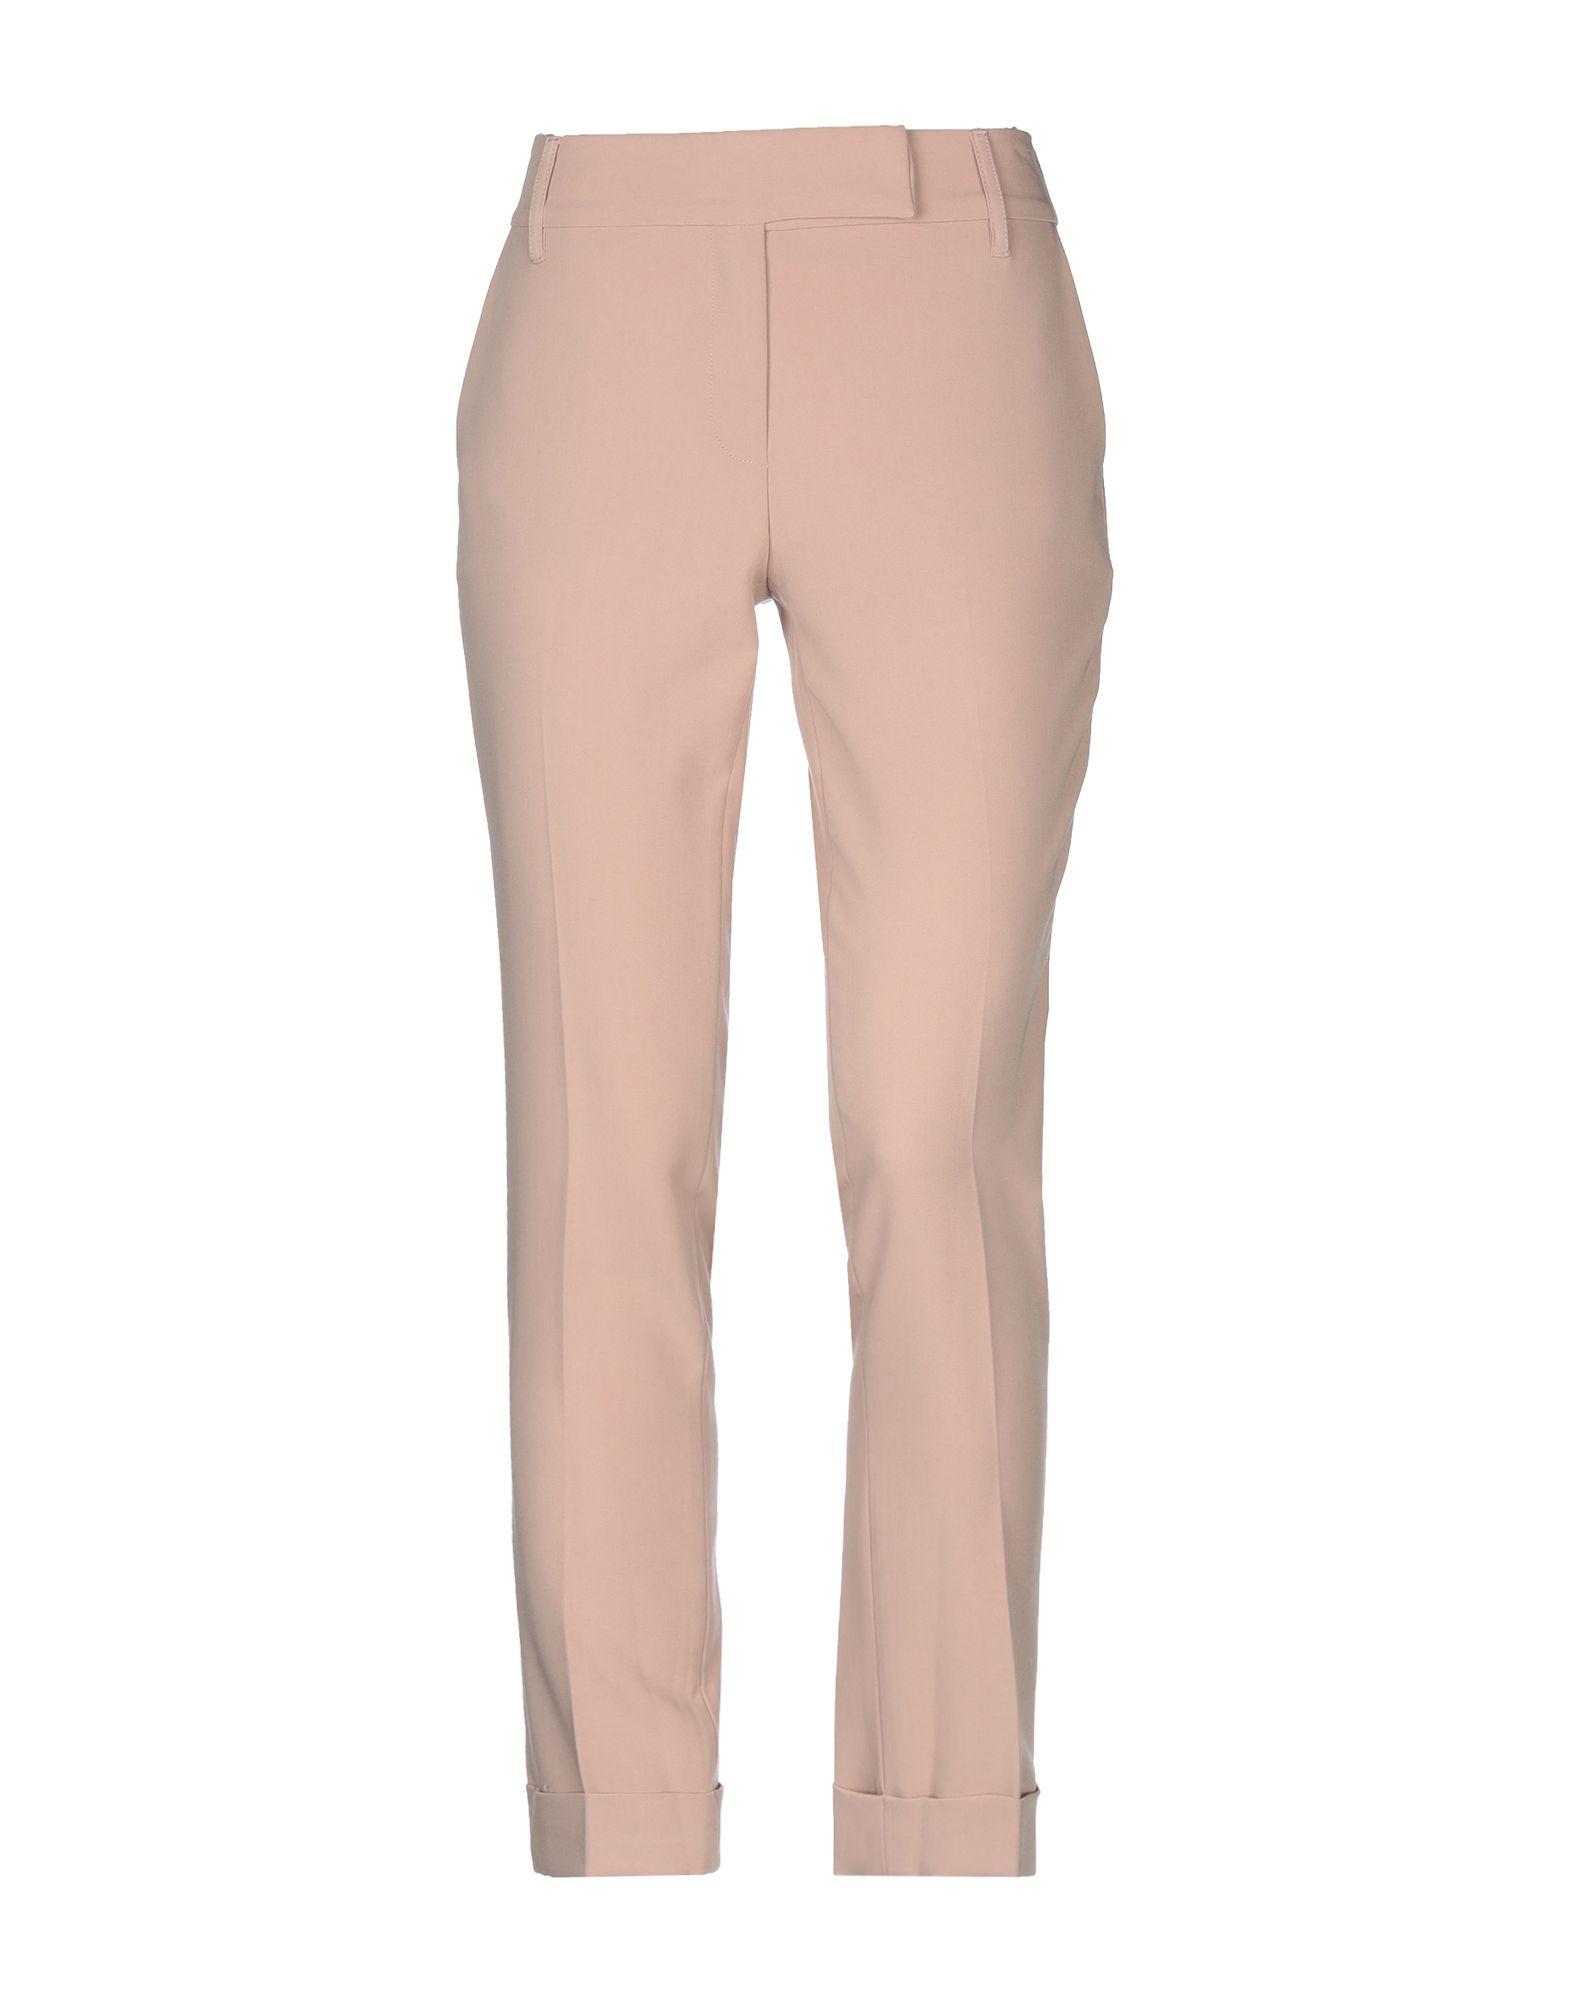 Pantalone Lunatic Lunatic donna - 13257337VM  hochwertige Ware und bequemer, ehrlicher Service